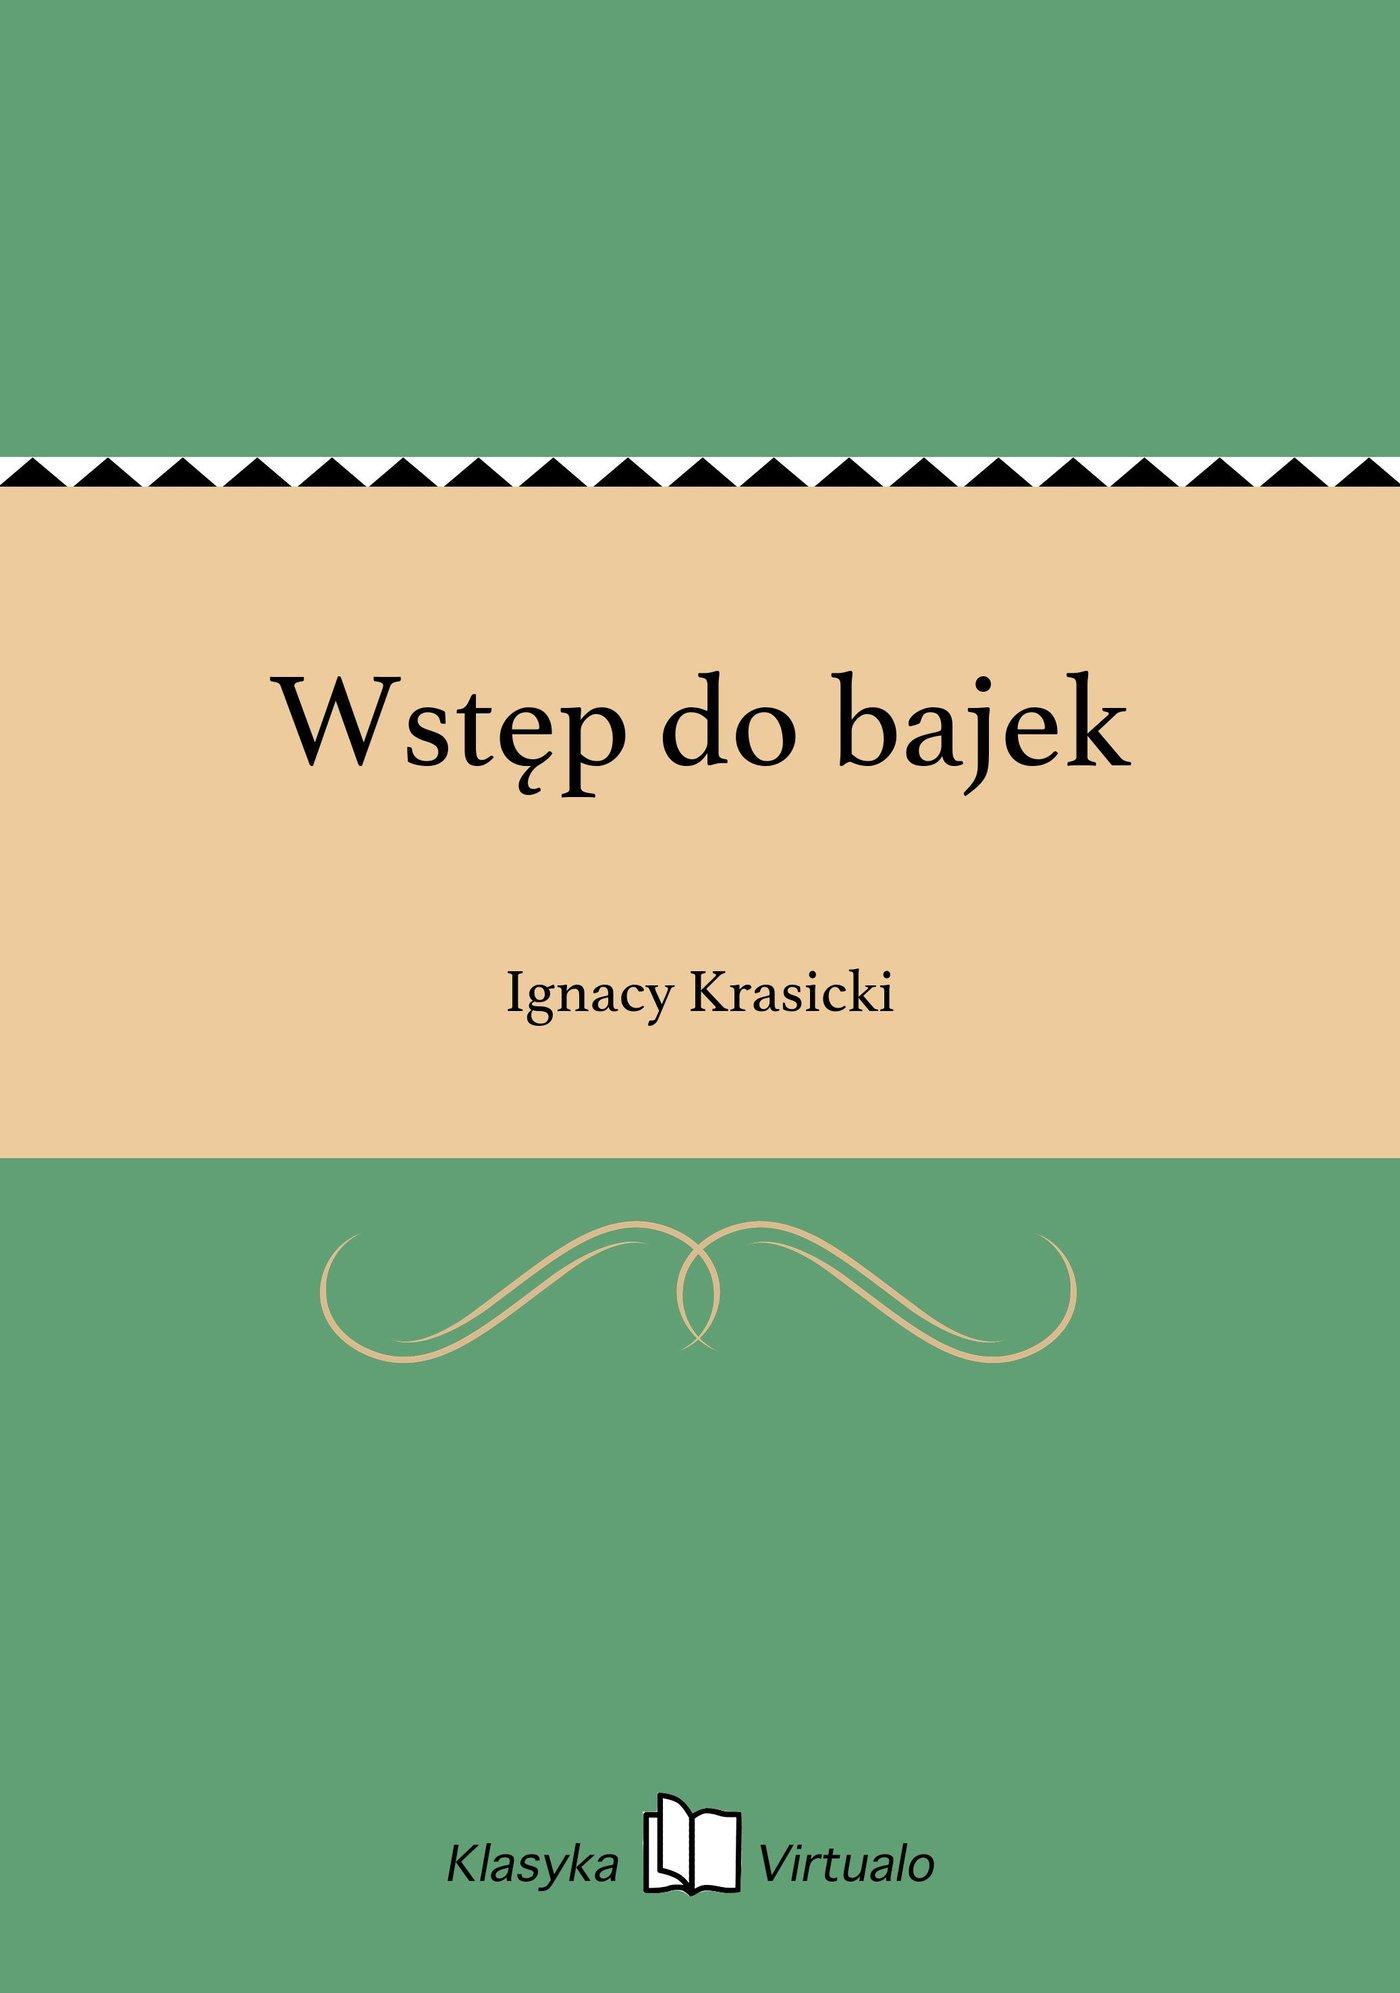 Wstęp do bajek - Ebook (Książka EPUB) do pobrania w formacie EPUB